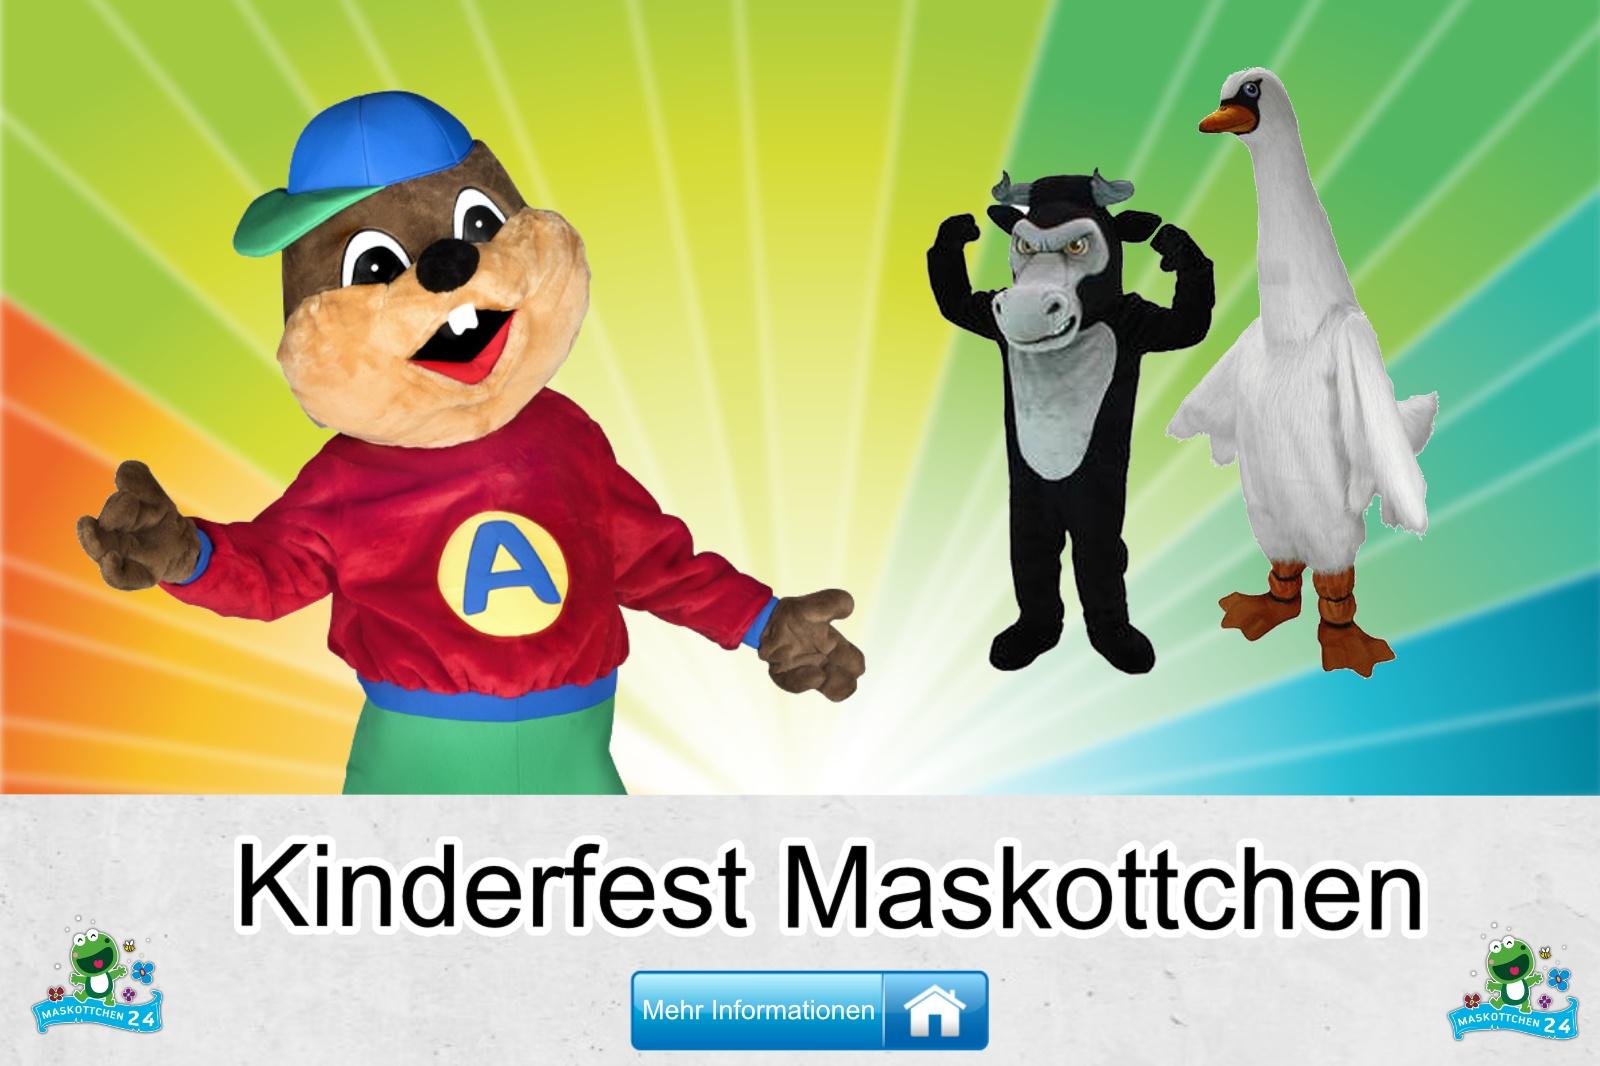 Kinderfest Kostüm kaufen, günstige Produktion / Herstellung